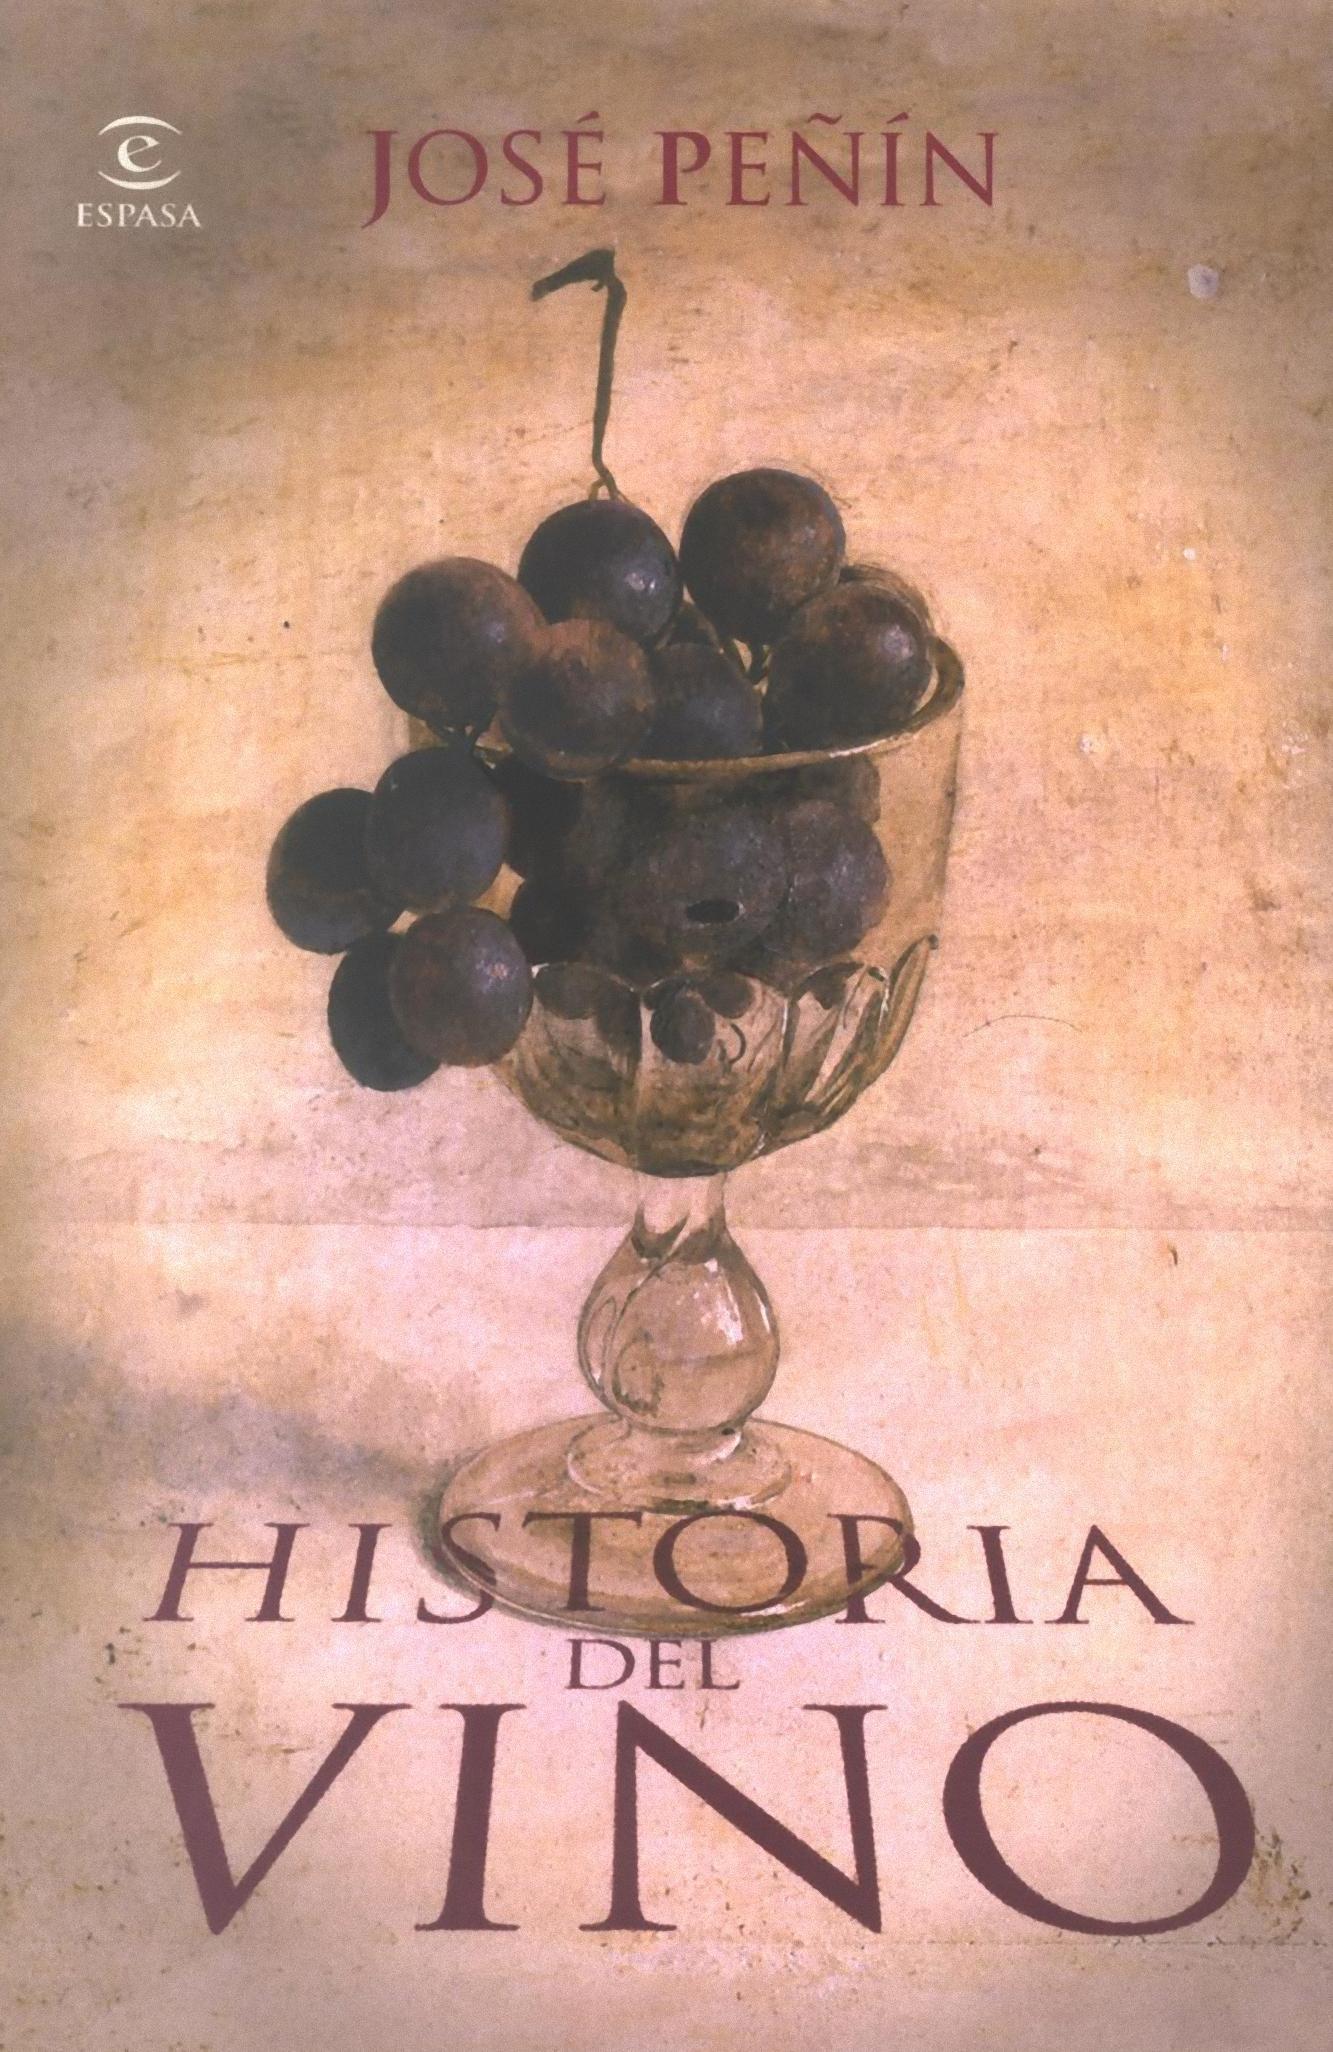 Historia del vino de José Peñín